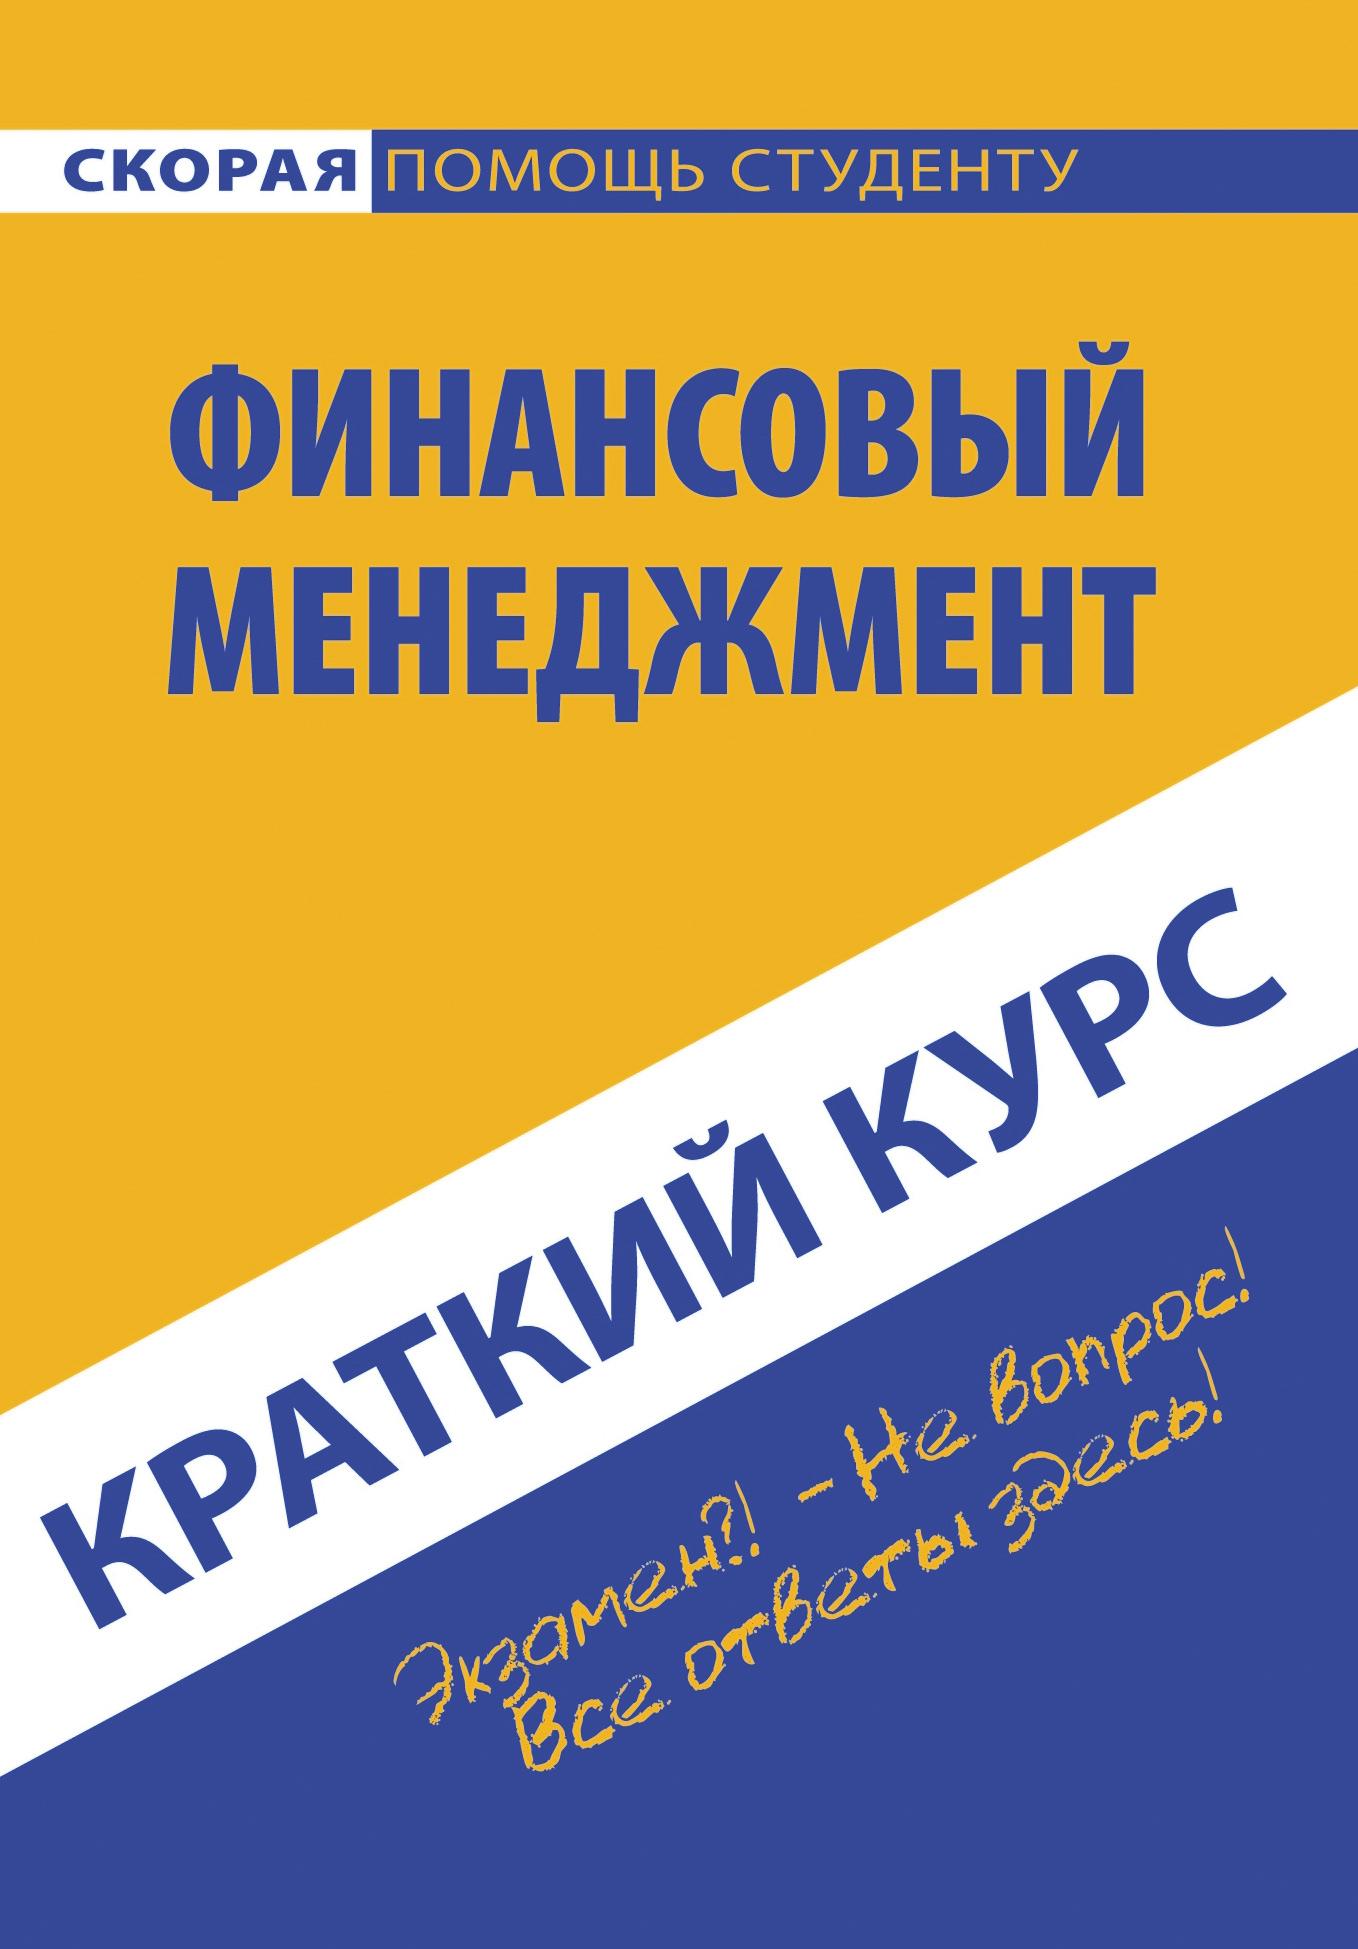 Коллектив авторов Краткий курс по финансовому менеджменту